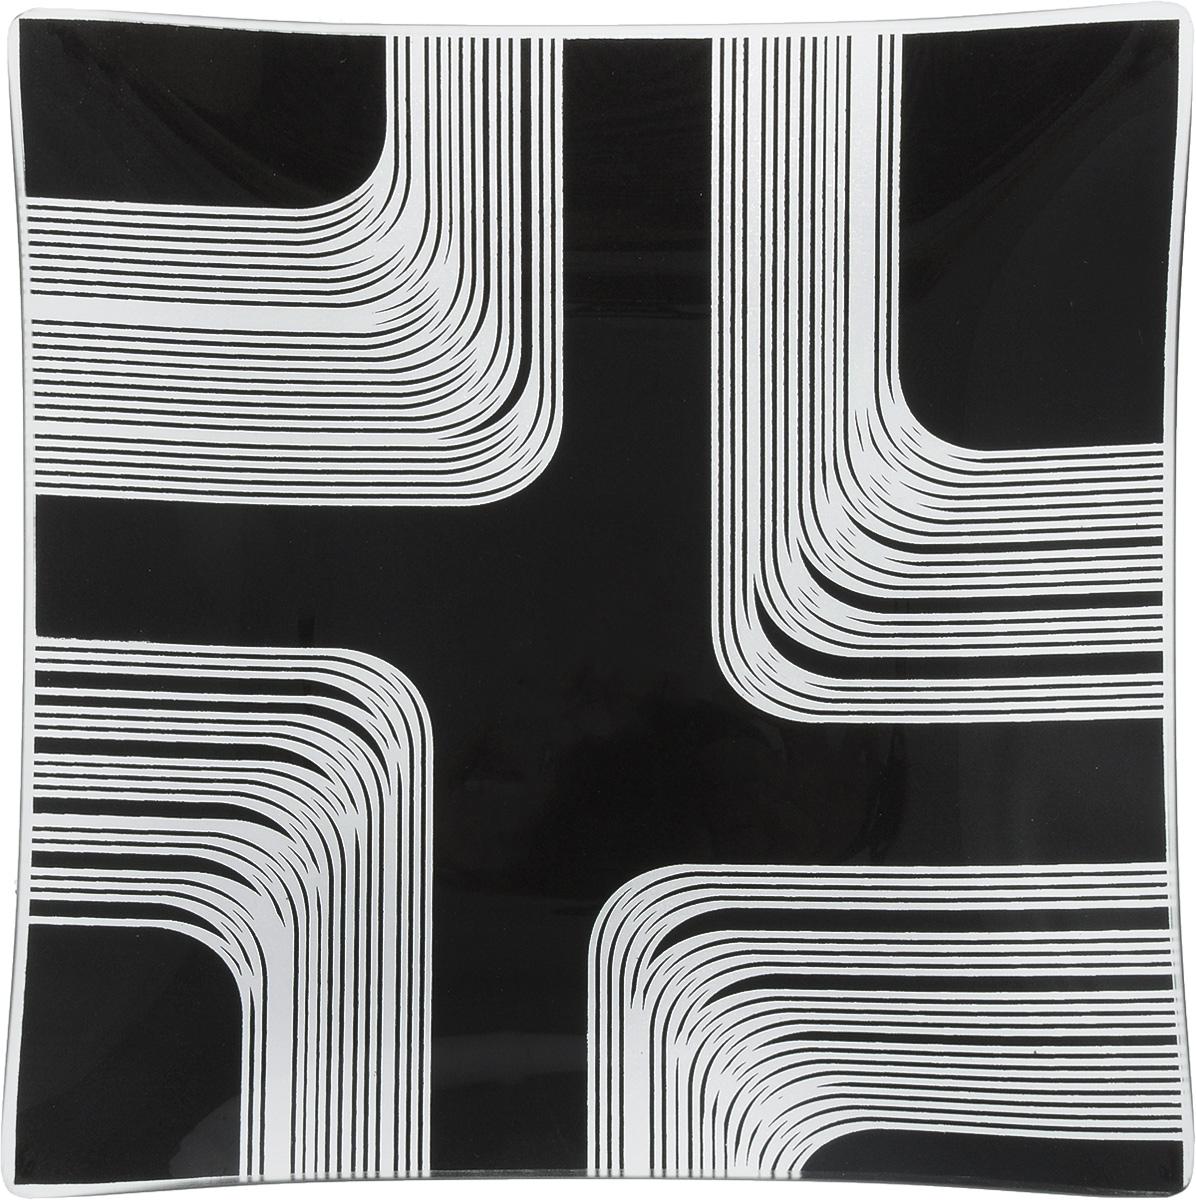 Тарелка NiNaGlass Сонет, цвет: черный, 20 х 20 х 2 см85-200*200-008/черн